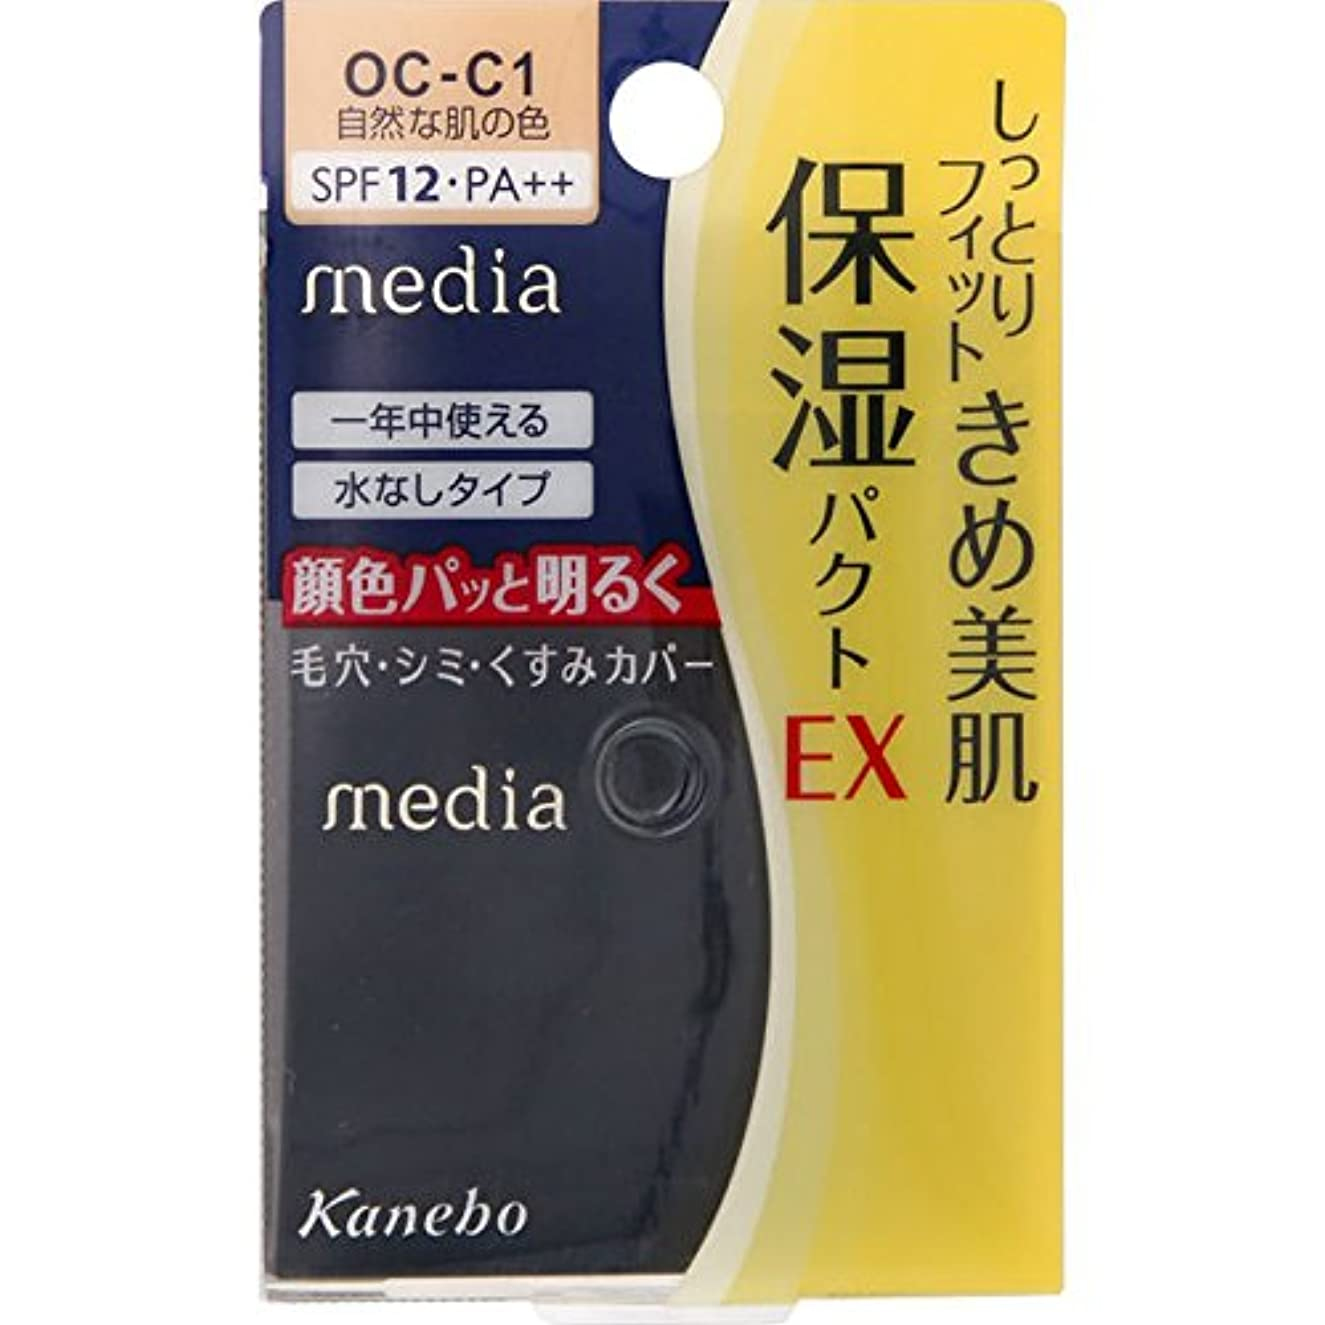 言い換えると市長すばらしいですカネボウ メディア モイストフィットパクトEX OC-C1(11g)